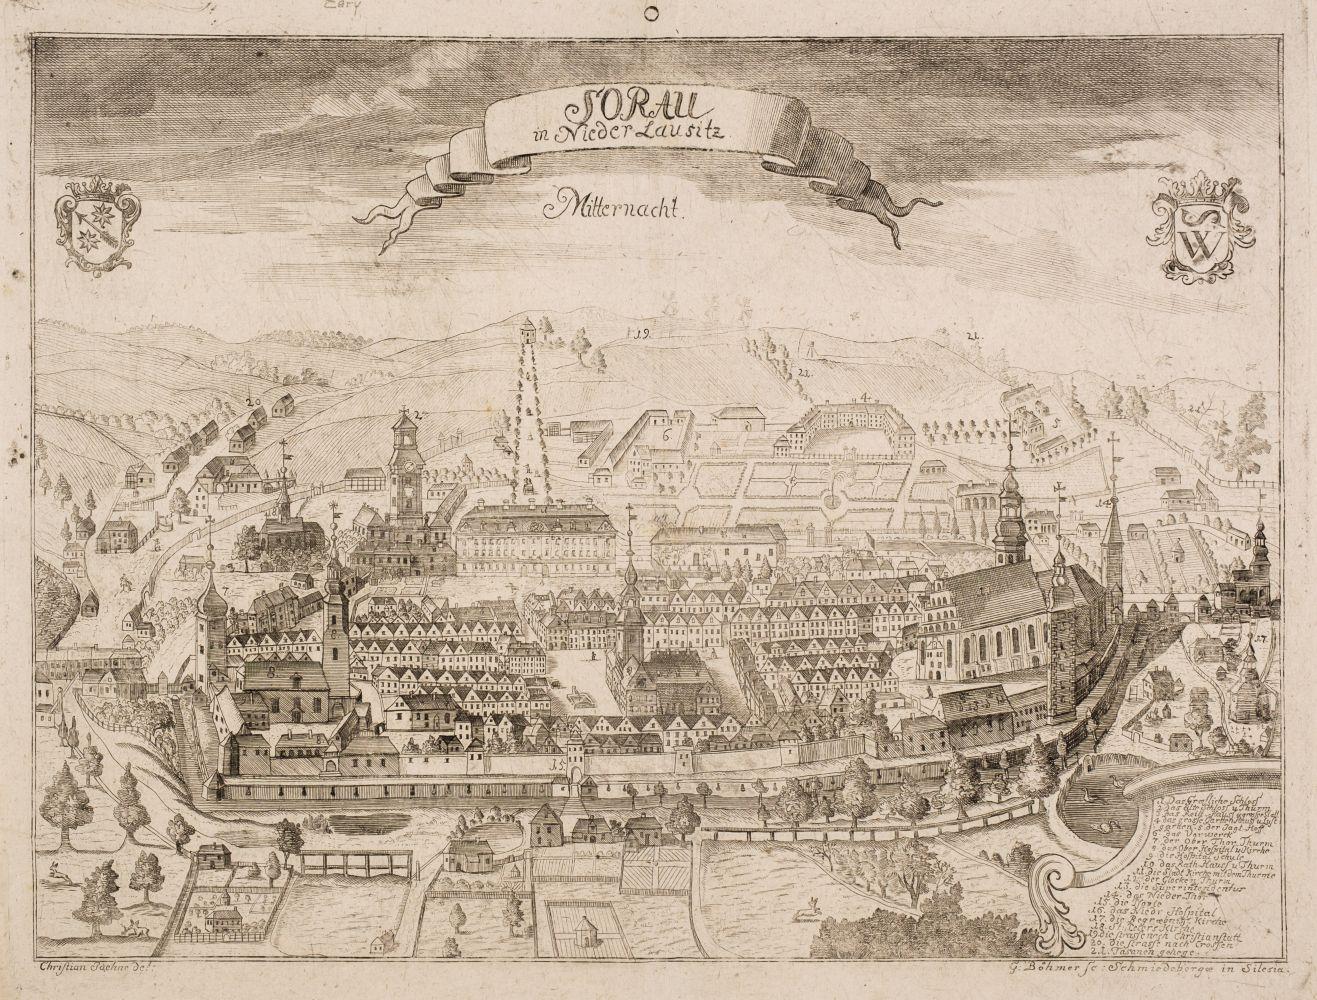 Poland. Bohmer (G.), Sorau in Nieder Lausitz, [1759]